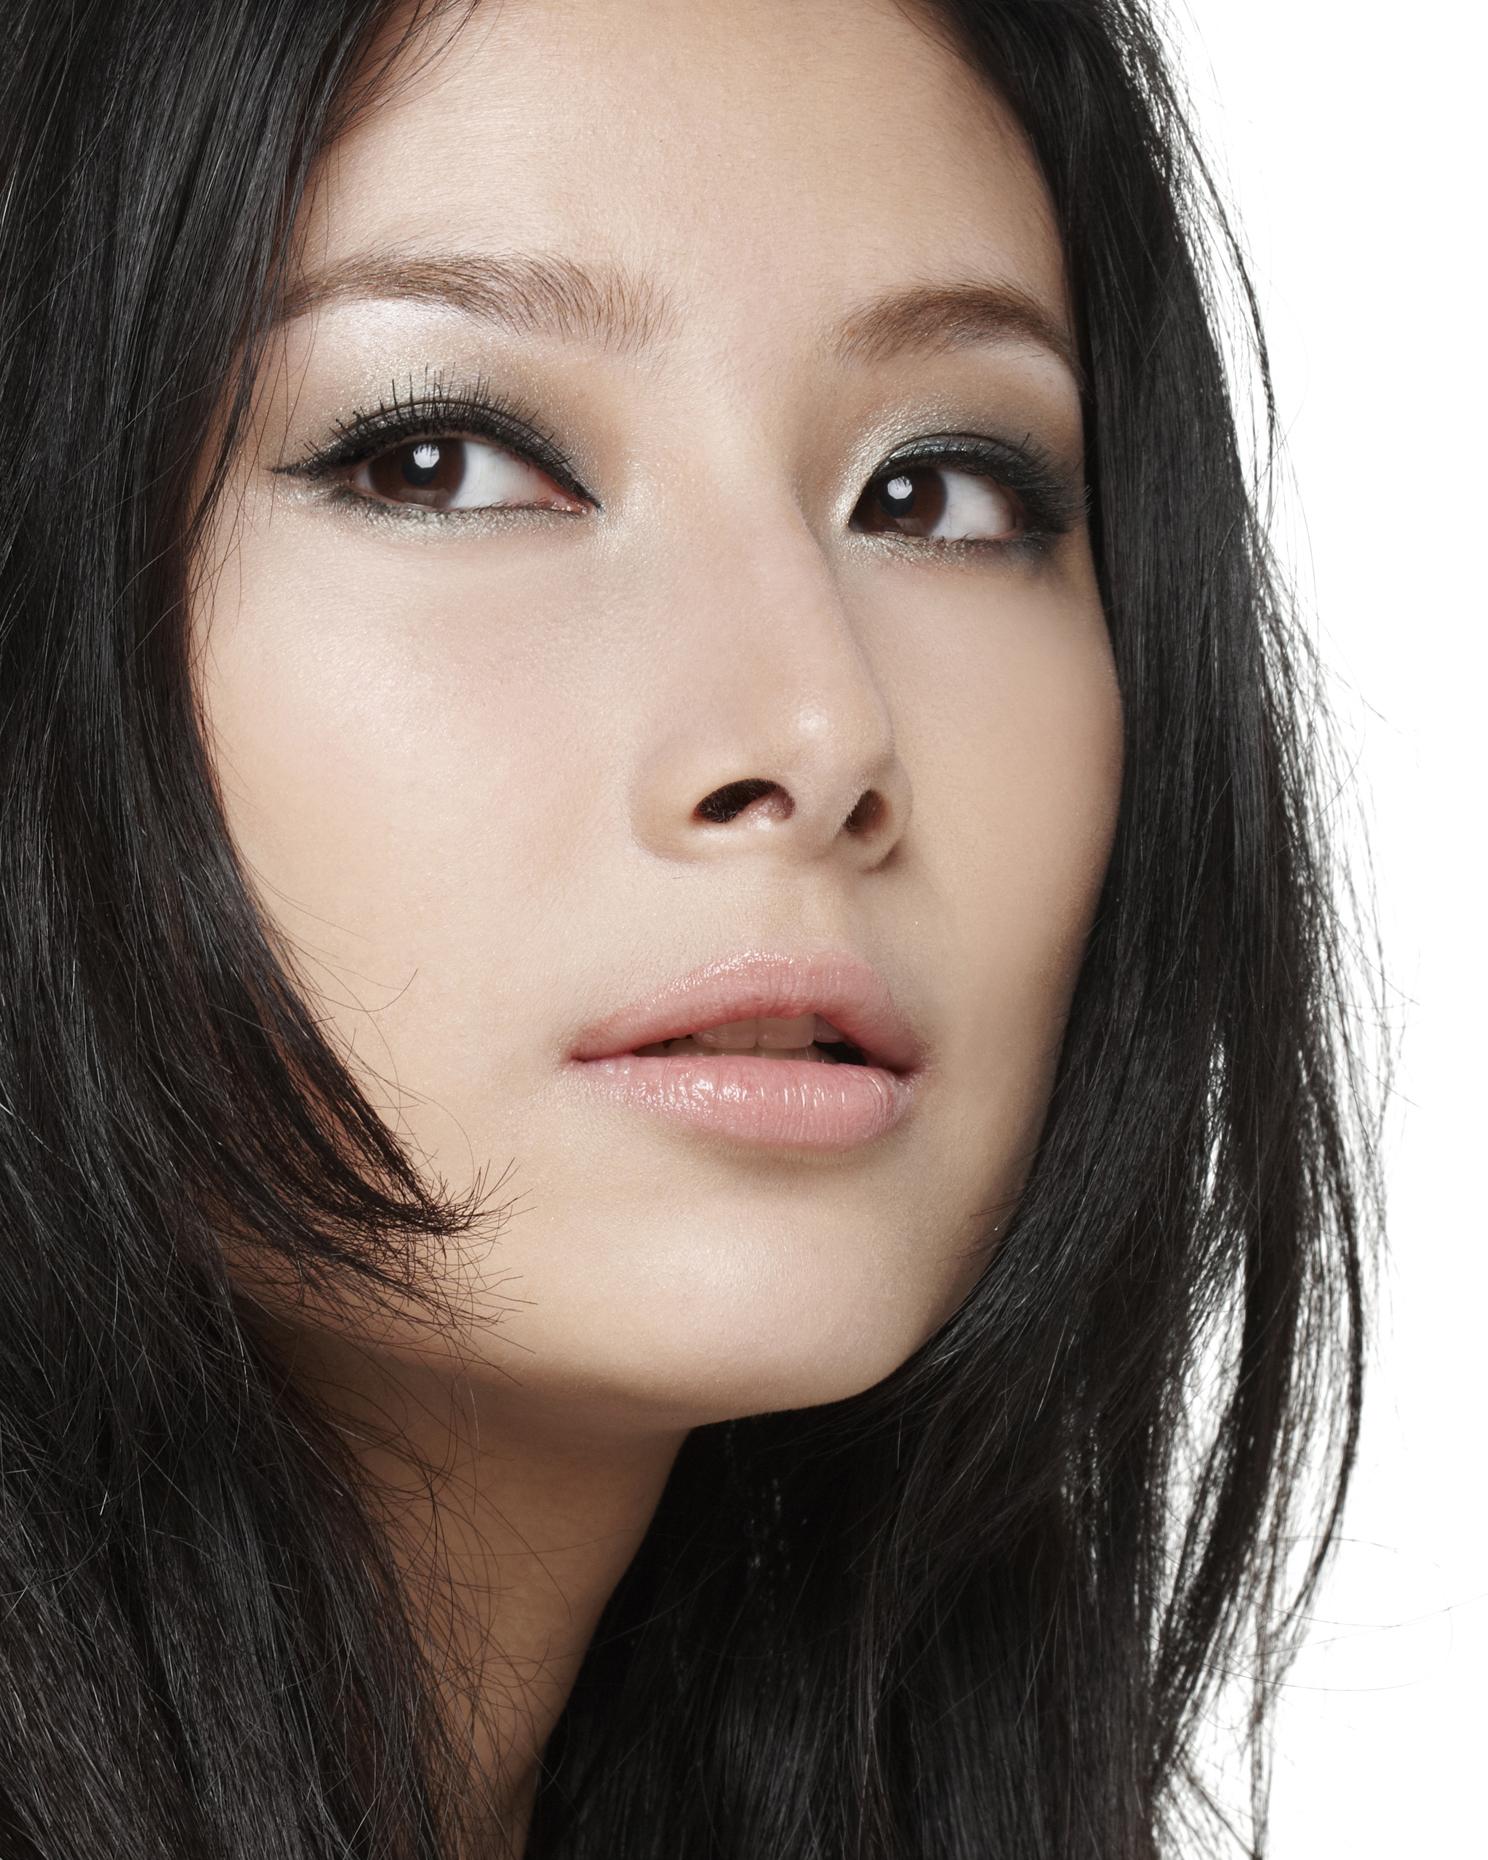 女孩 黑发/Q.黑发女孩的眉妆推荐(颜色、眉形、打造重点、适合使用的产品...